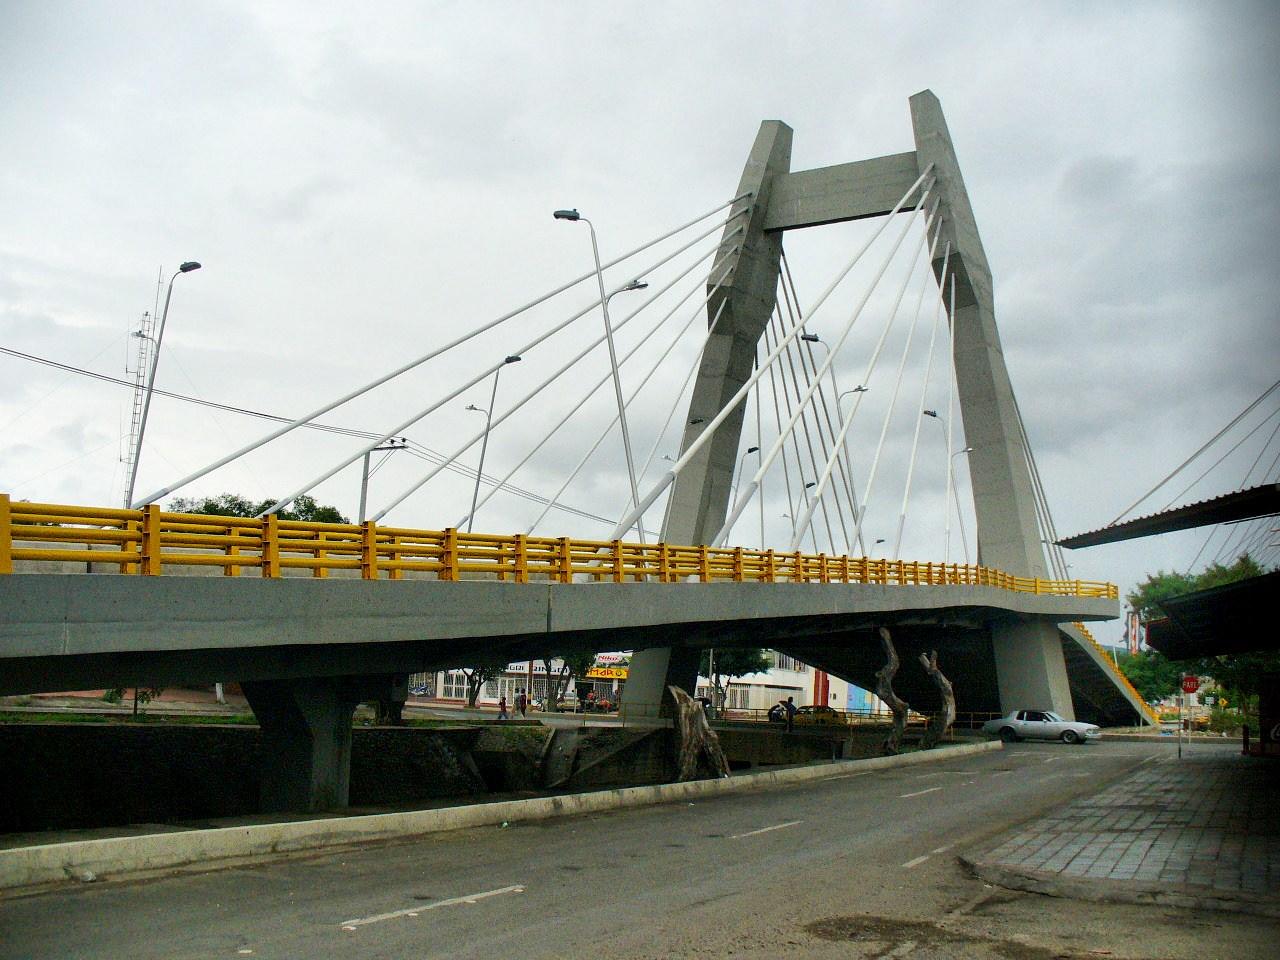 Cúcuta - Megaconstrucciones.net Móvil Ivanovich Ramirez Puente Photos